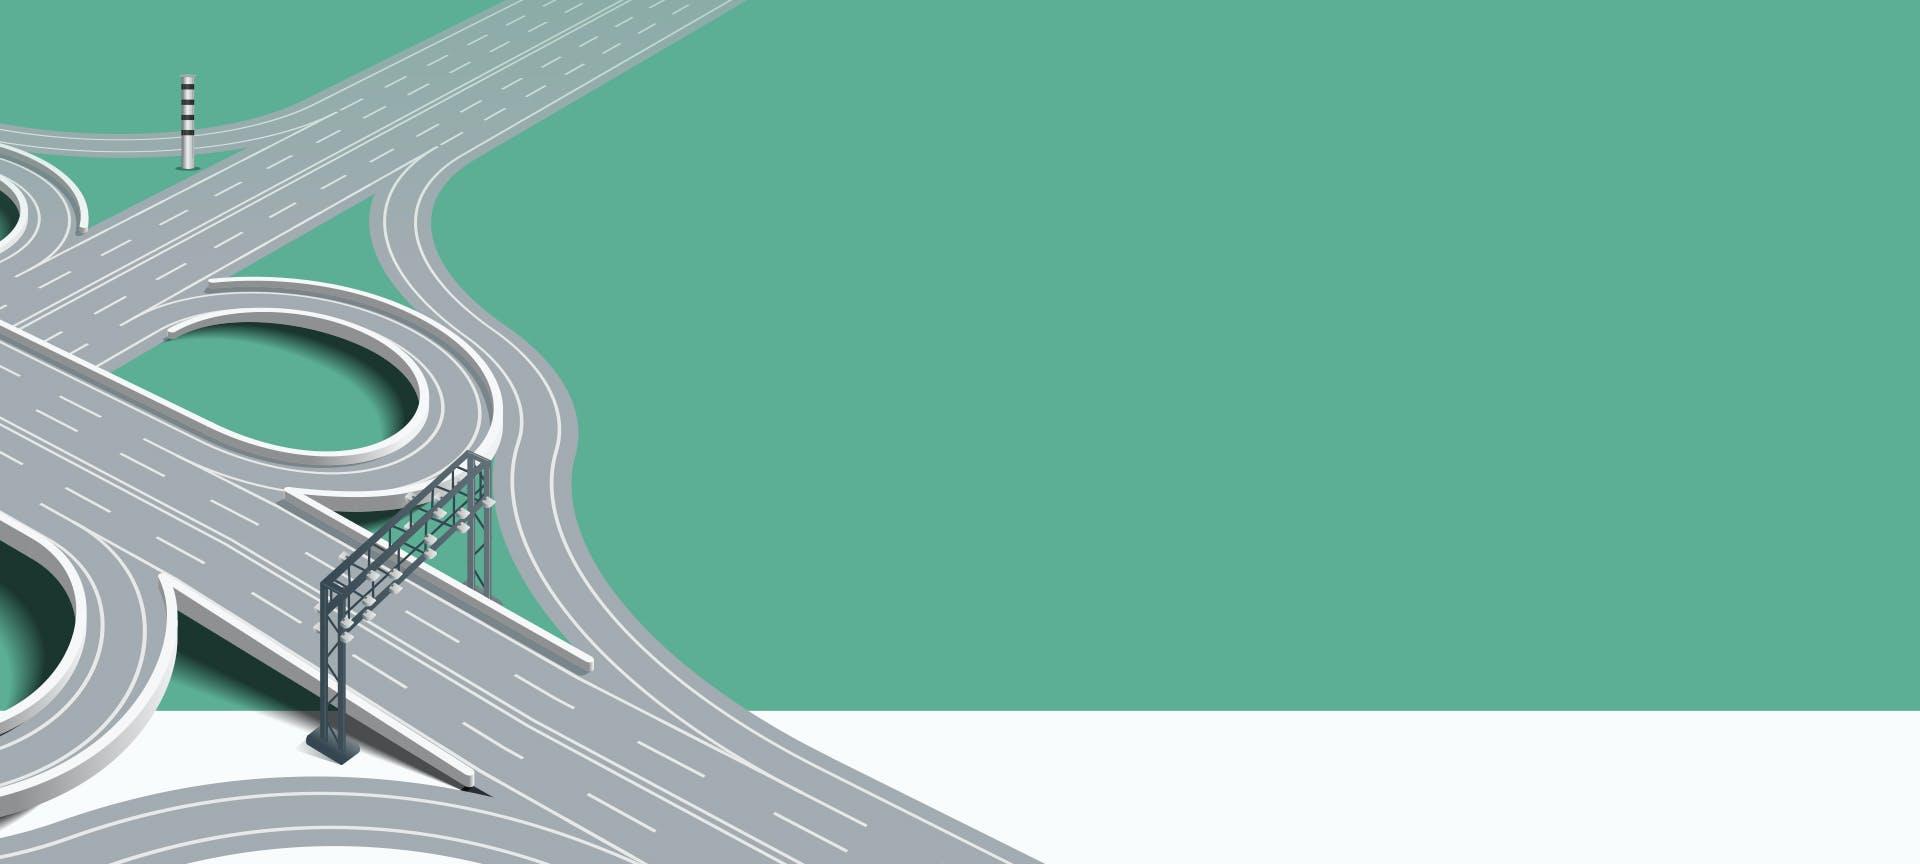 نظام  حساب وتحصيل رسوم الطريق المستندة إلى المسافة على الجسور